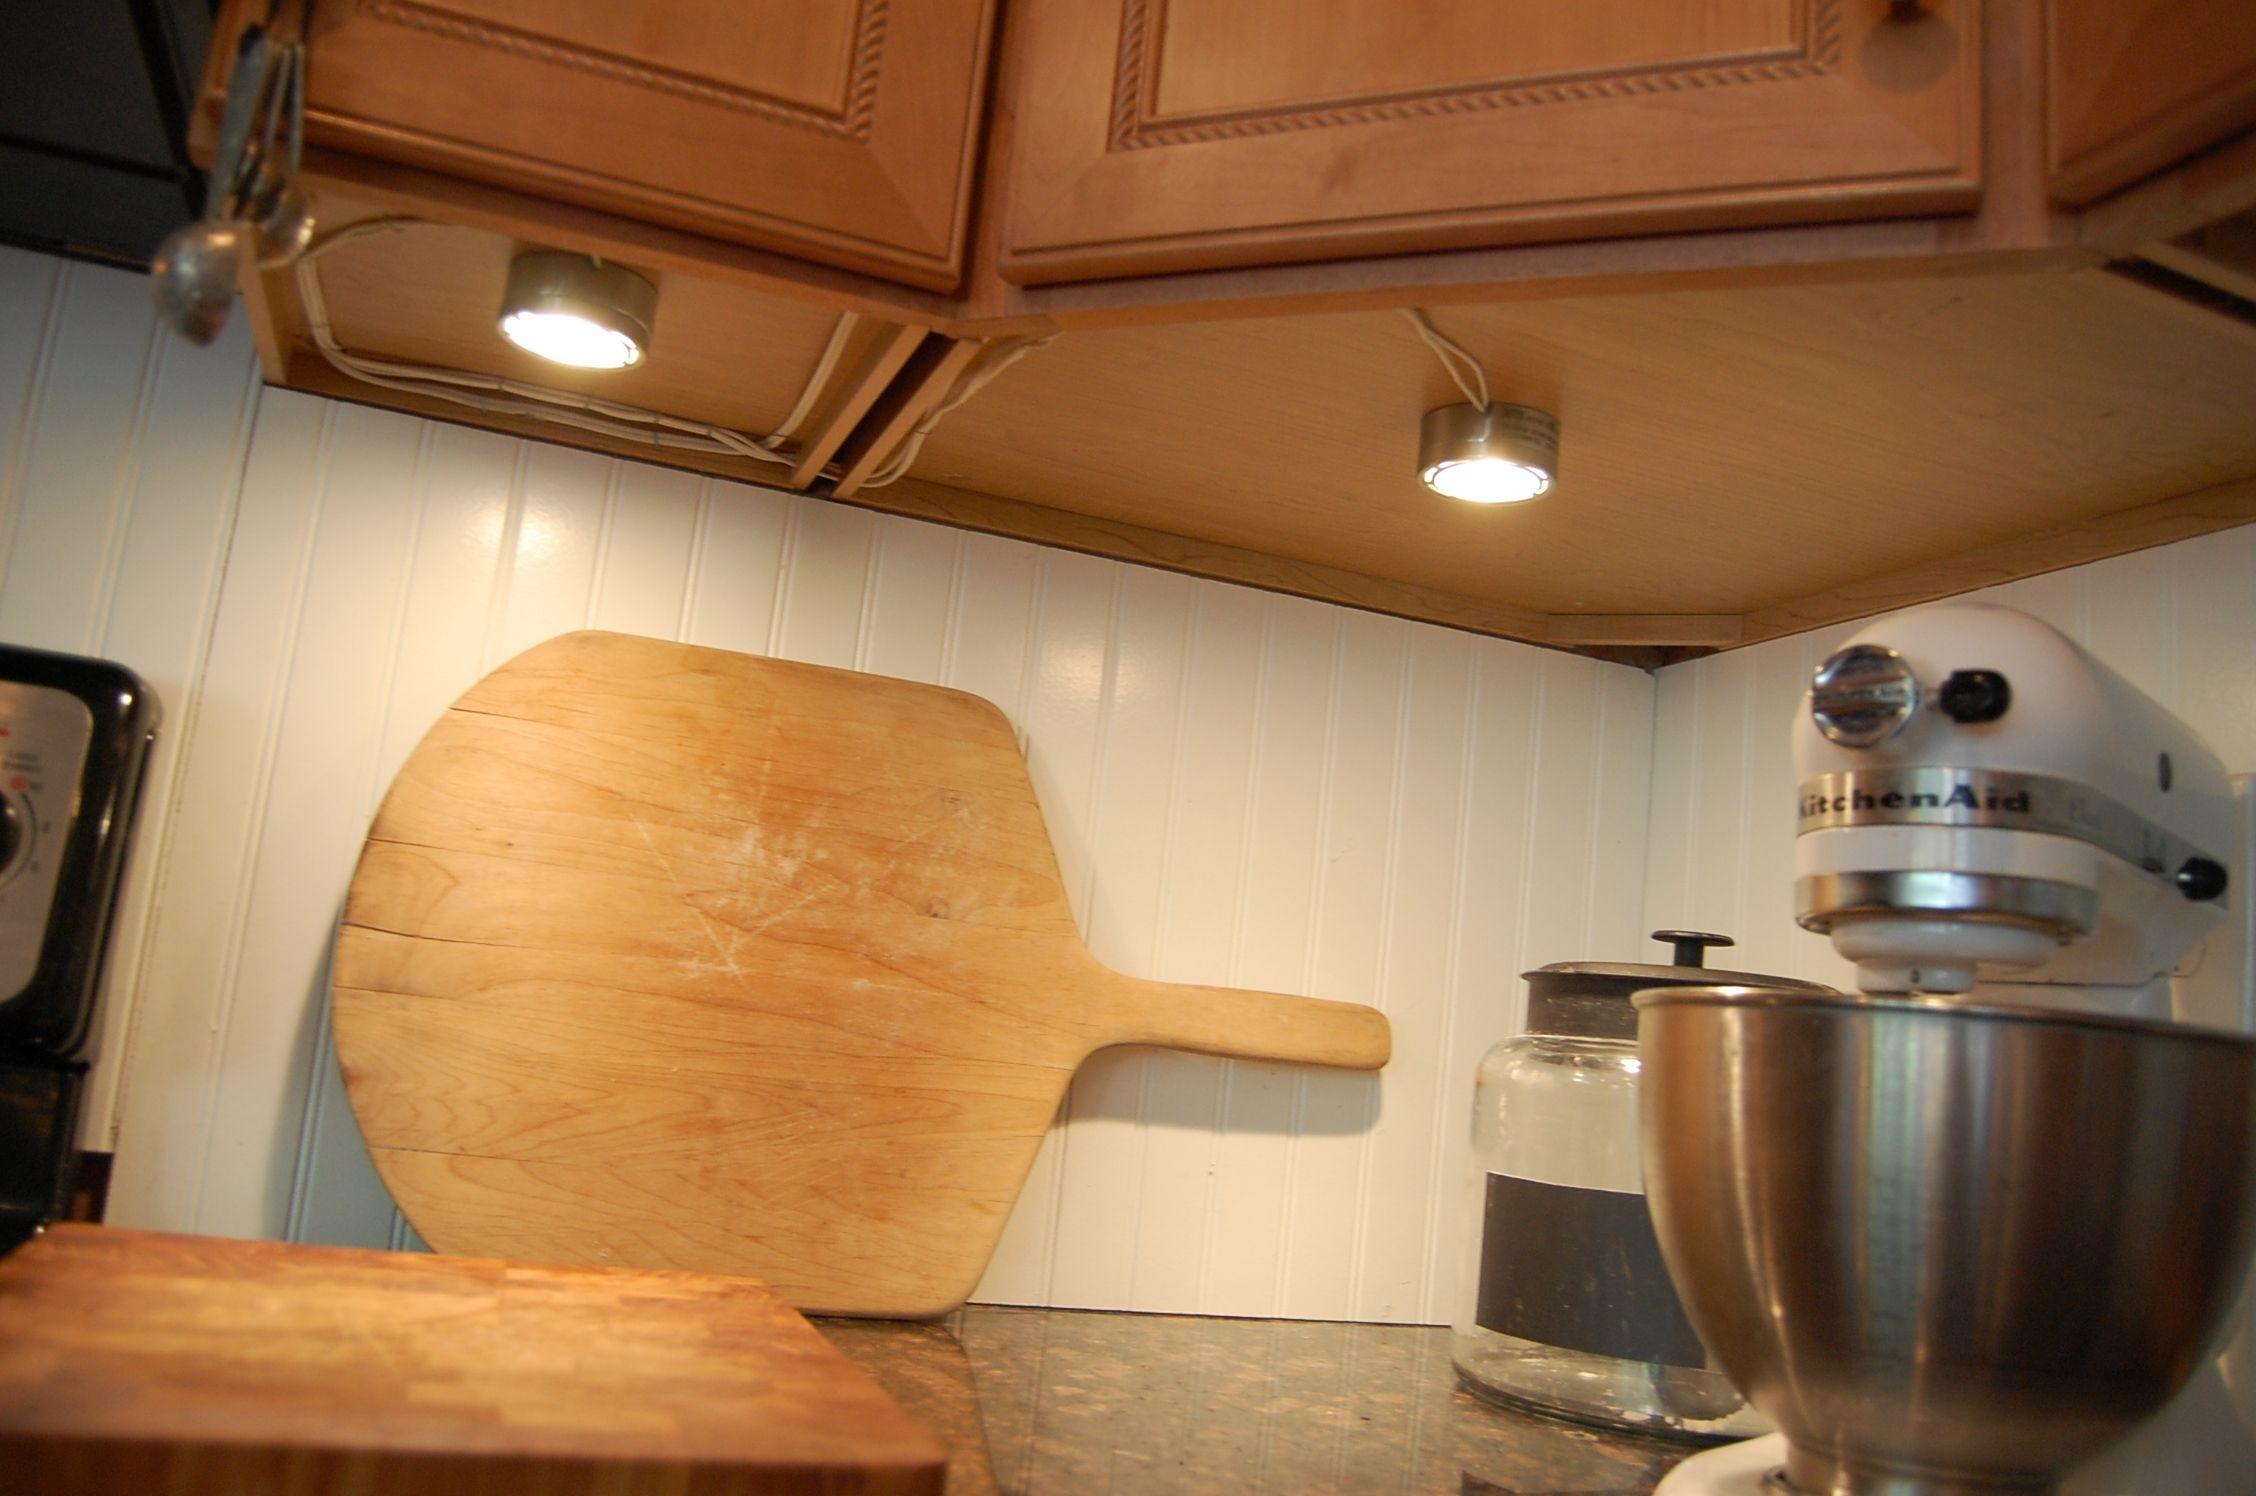 kitchen under cabinet lighting screwfix http sinhvienthienan net rh pinterest com Under Cabinet LED Tape Lighting Best Under Cabinet Lighting